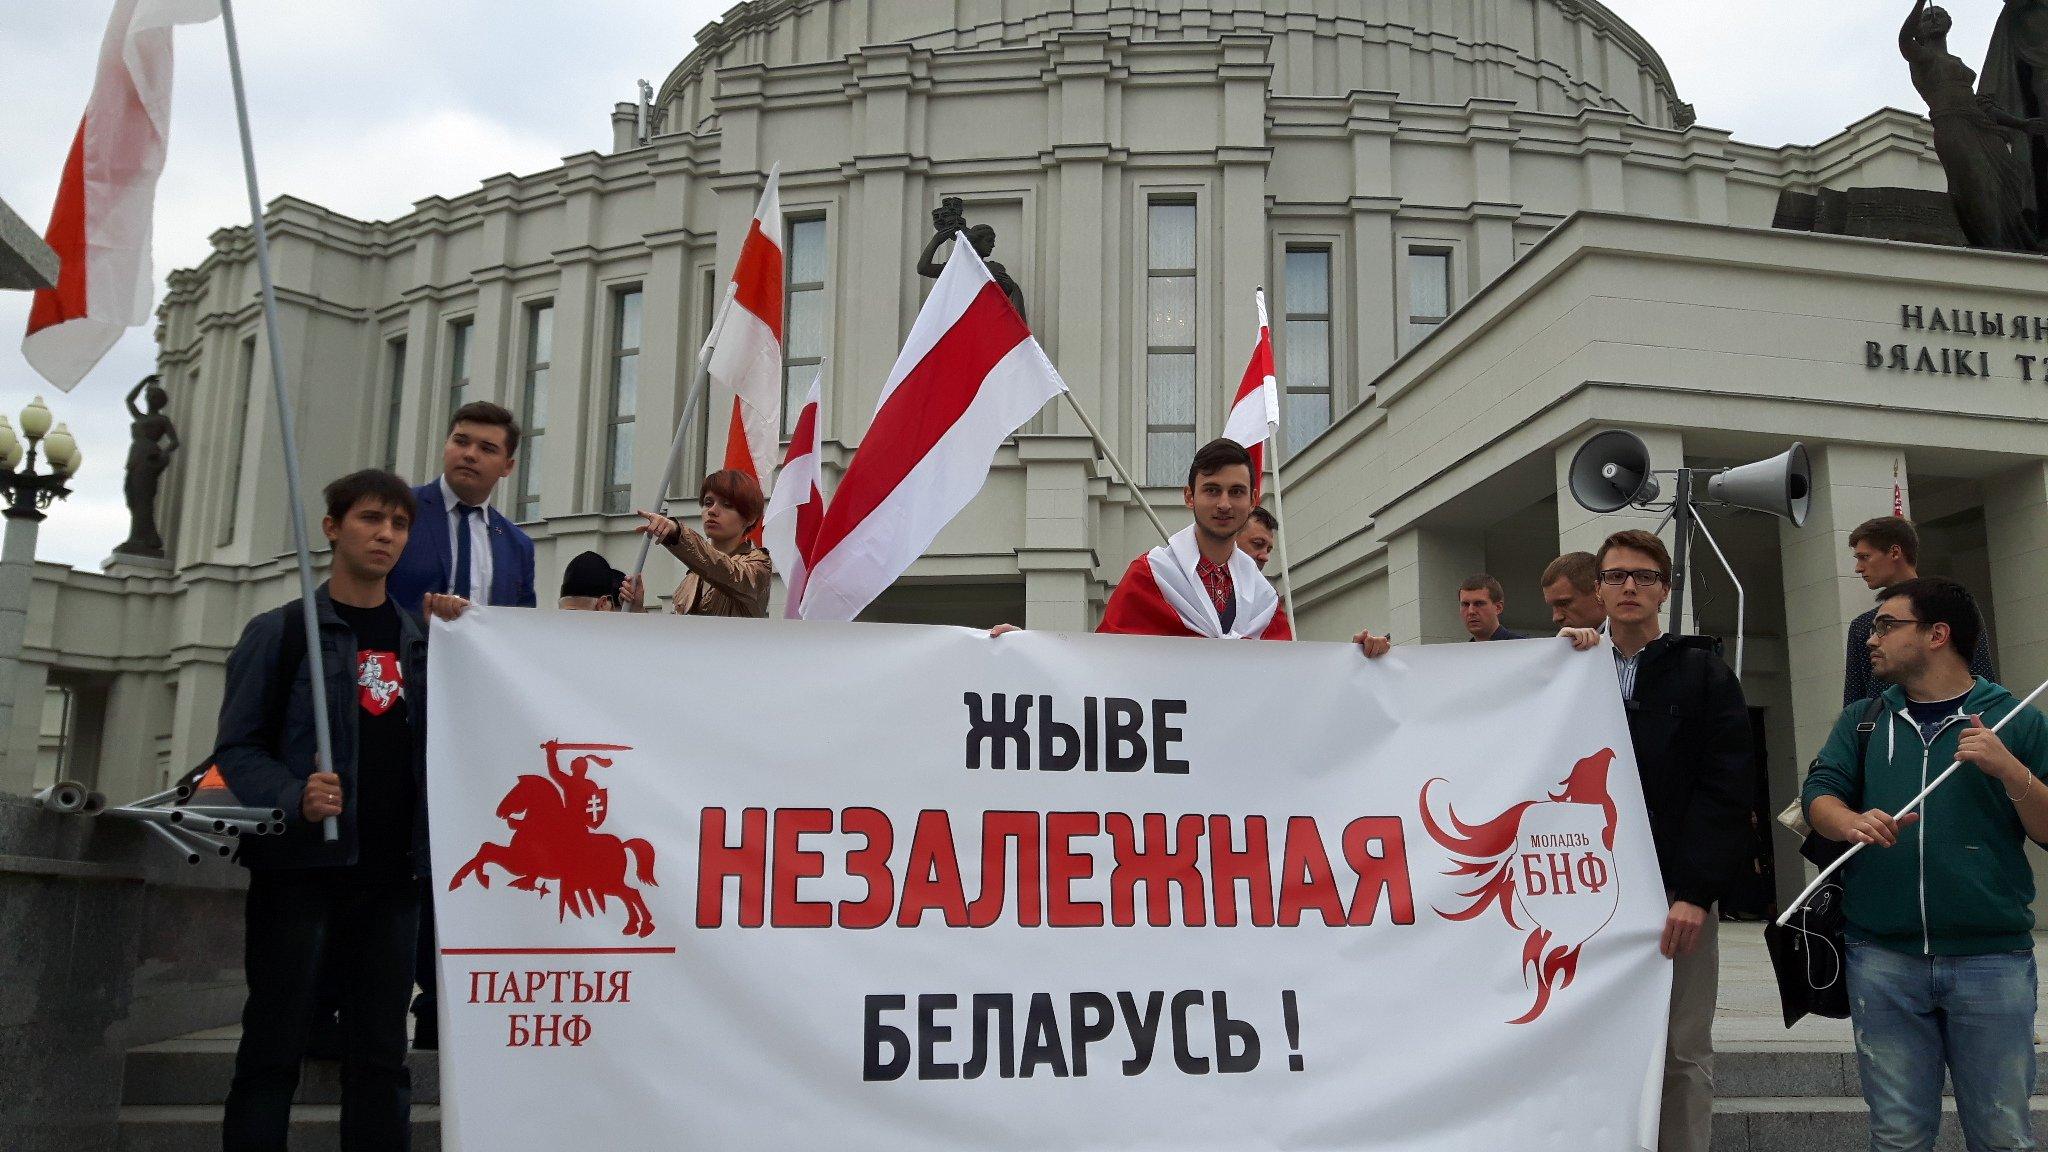 Активисты «Молодежи БНФ» с баннером на Дне воинской славы Беларуси (Источник: Радио Свобода, 2016).